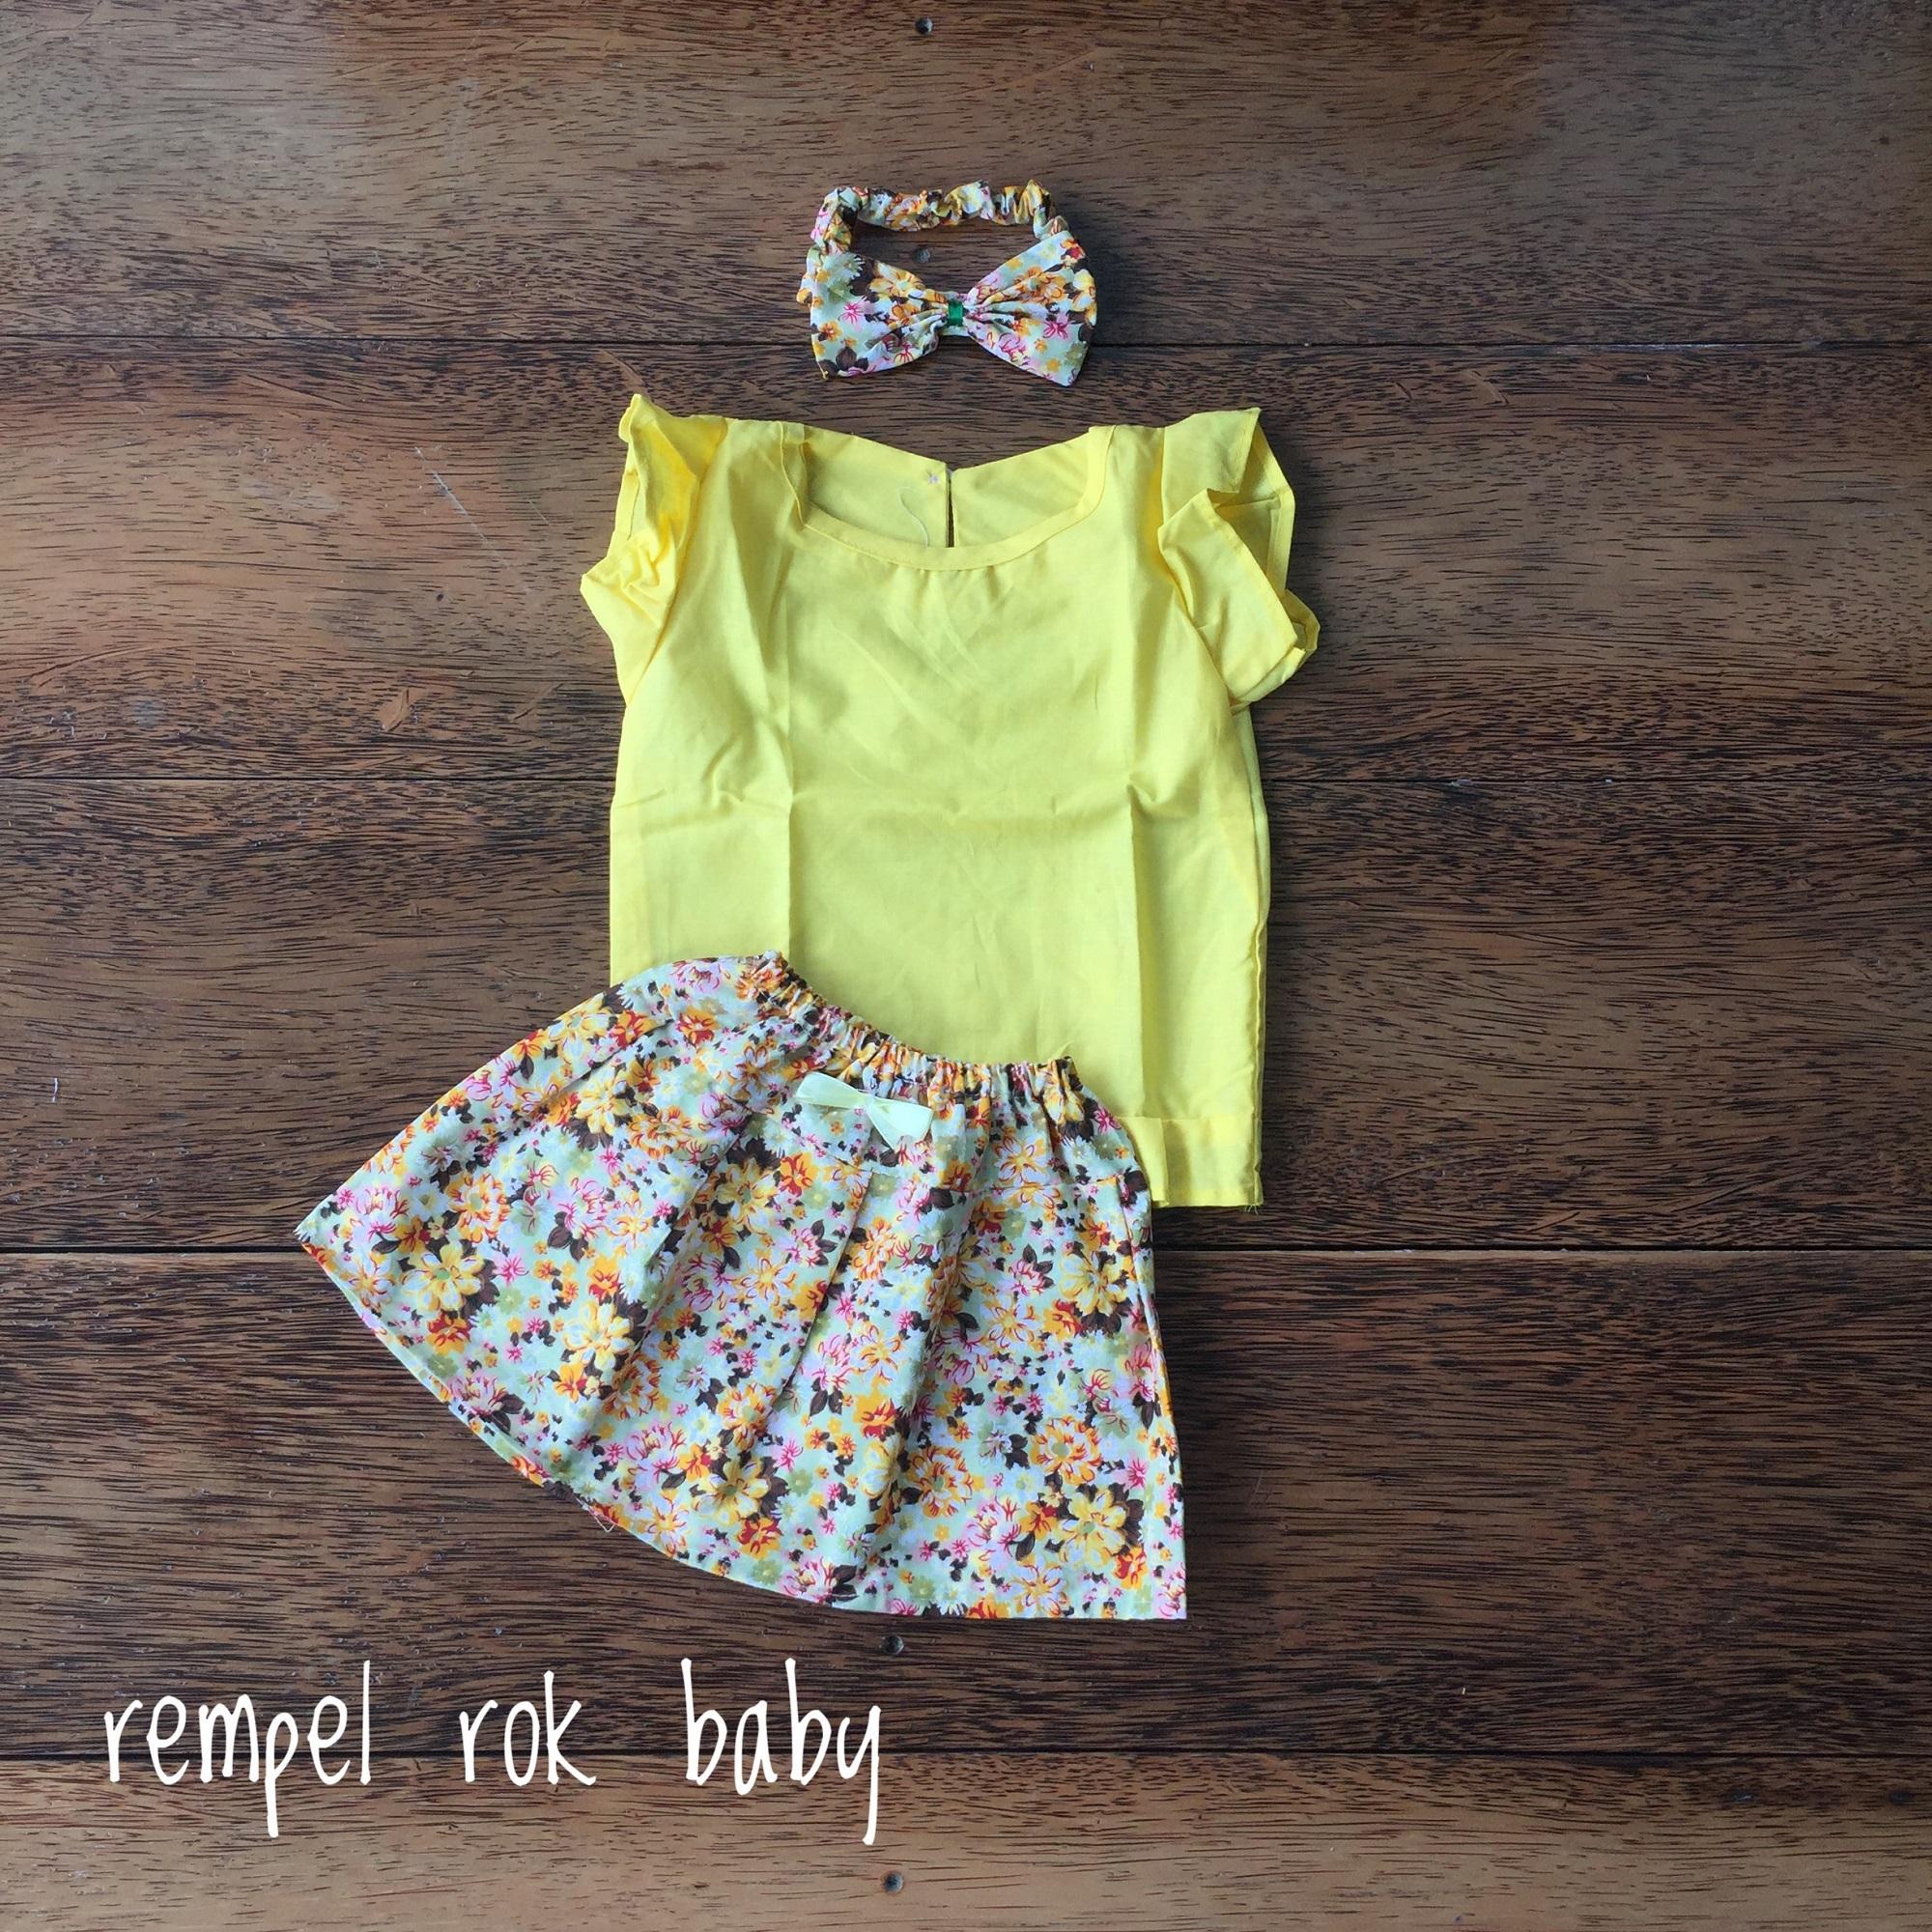 Set Pakaian Bayi Perempuan Terbaik Lazada Piyama Anak Baby 1 3thn Lovely Cow Baju Tidur Setelan Laki Rempel Rok